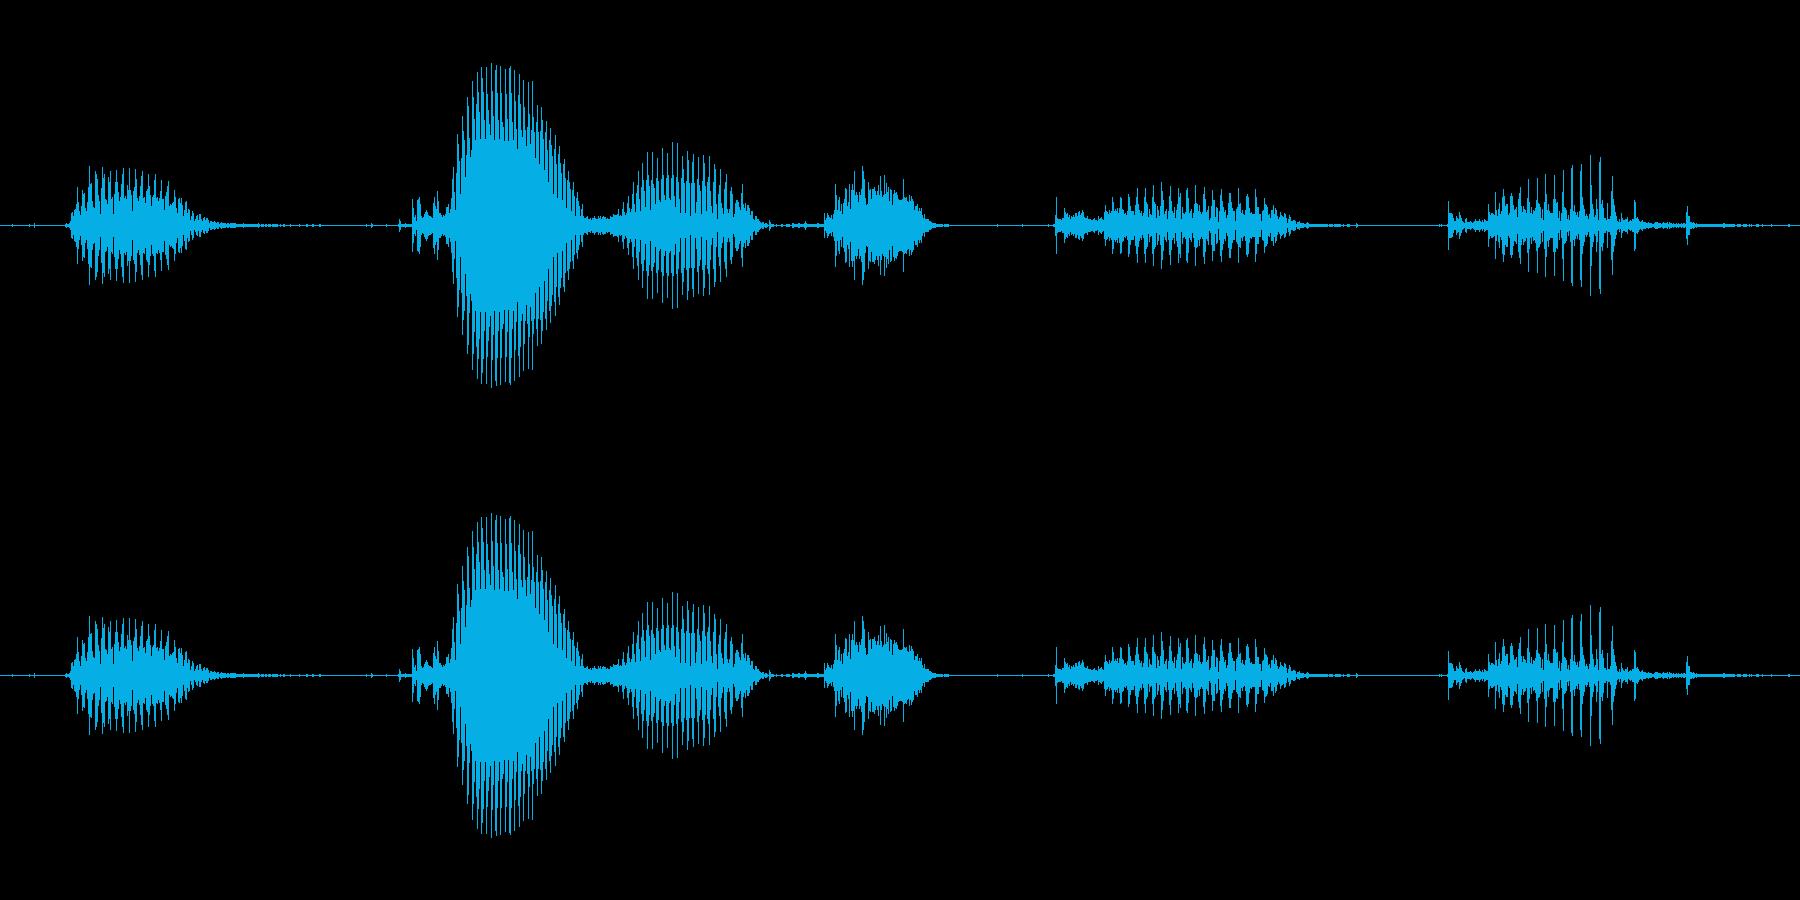 【日数・経過】1ヶ月経過の再生済みの波形